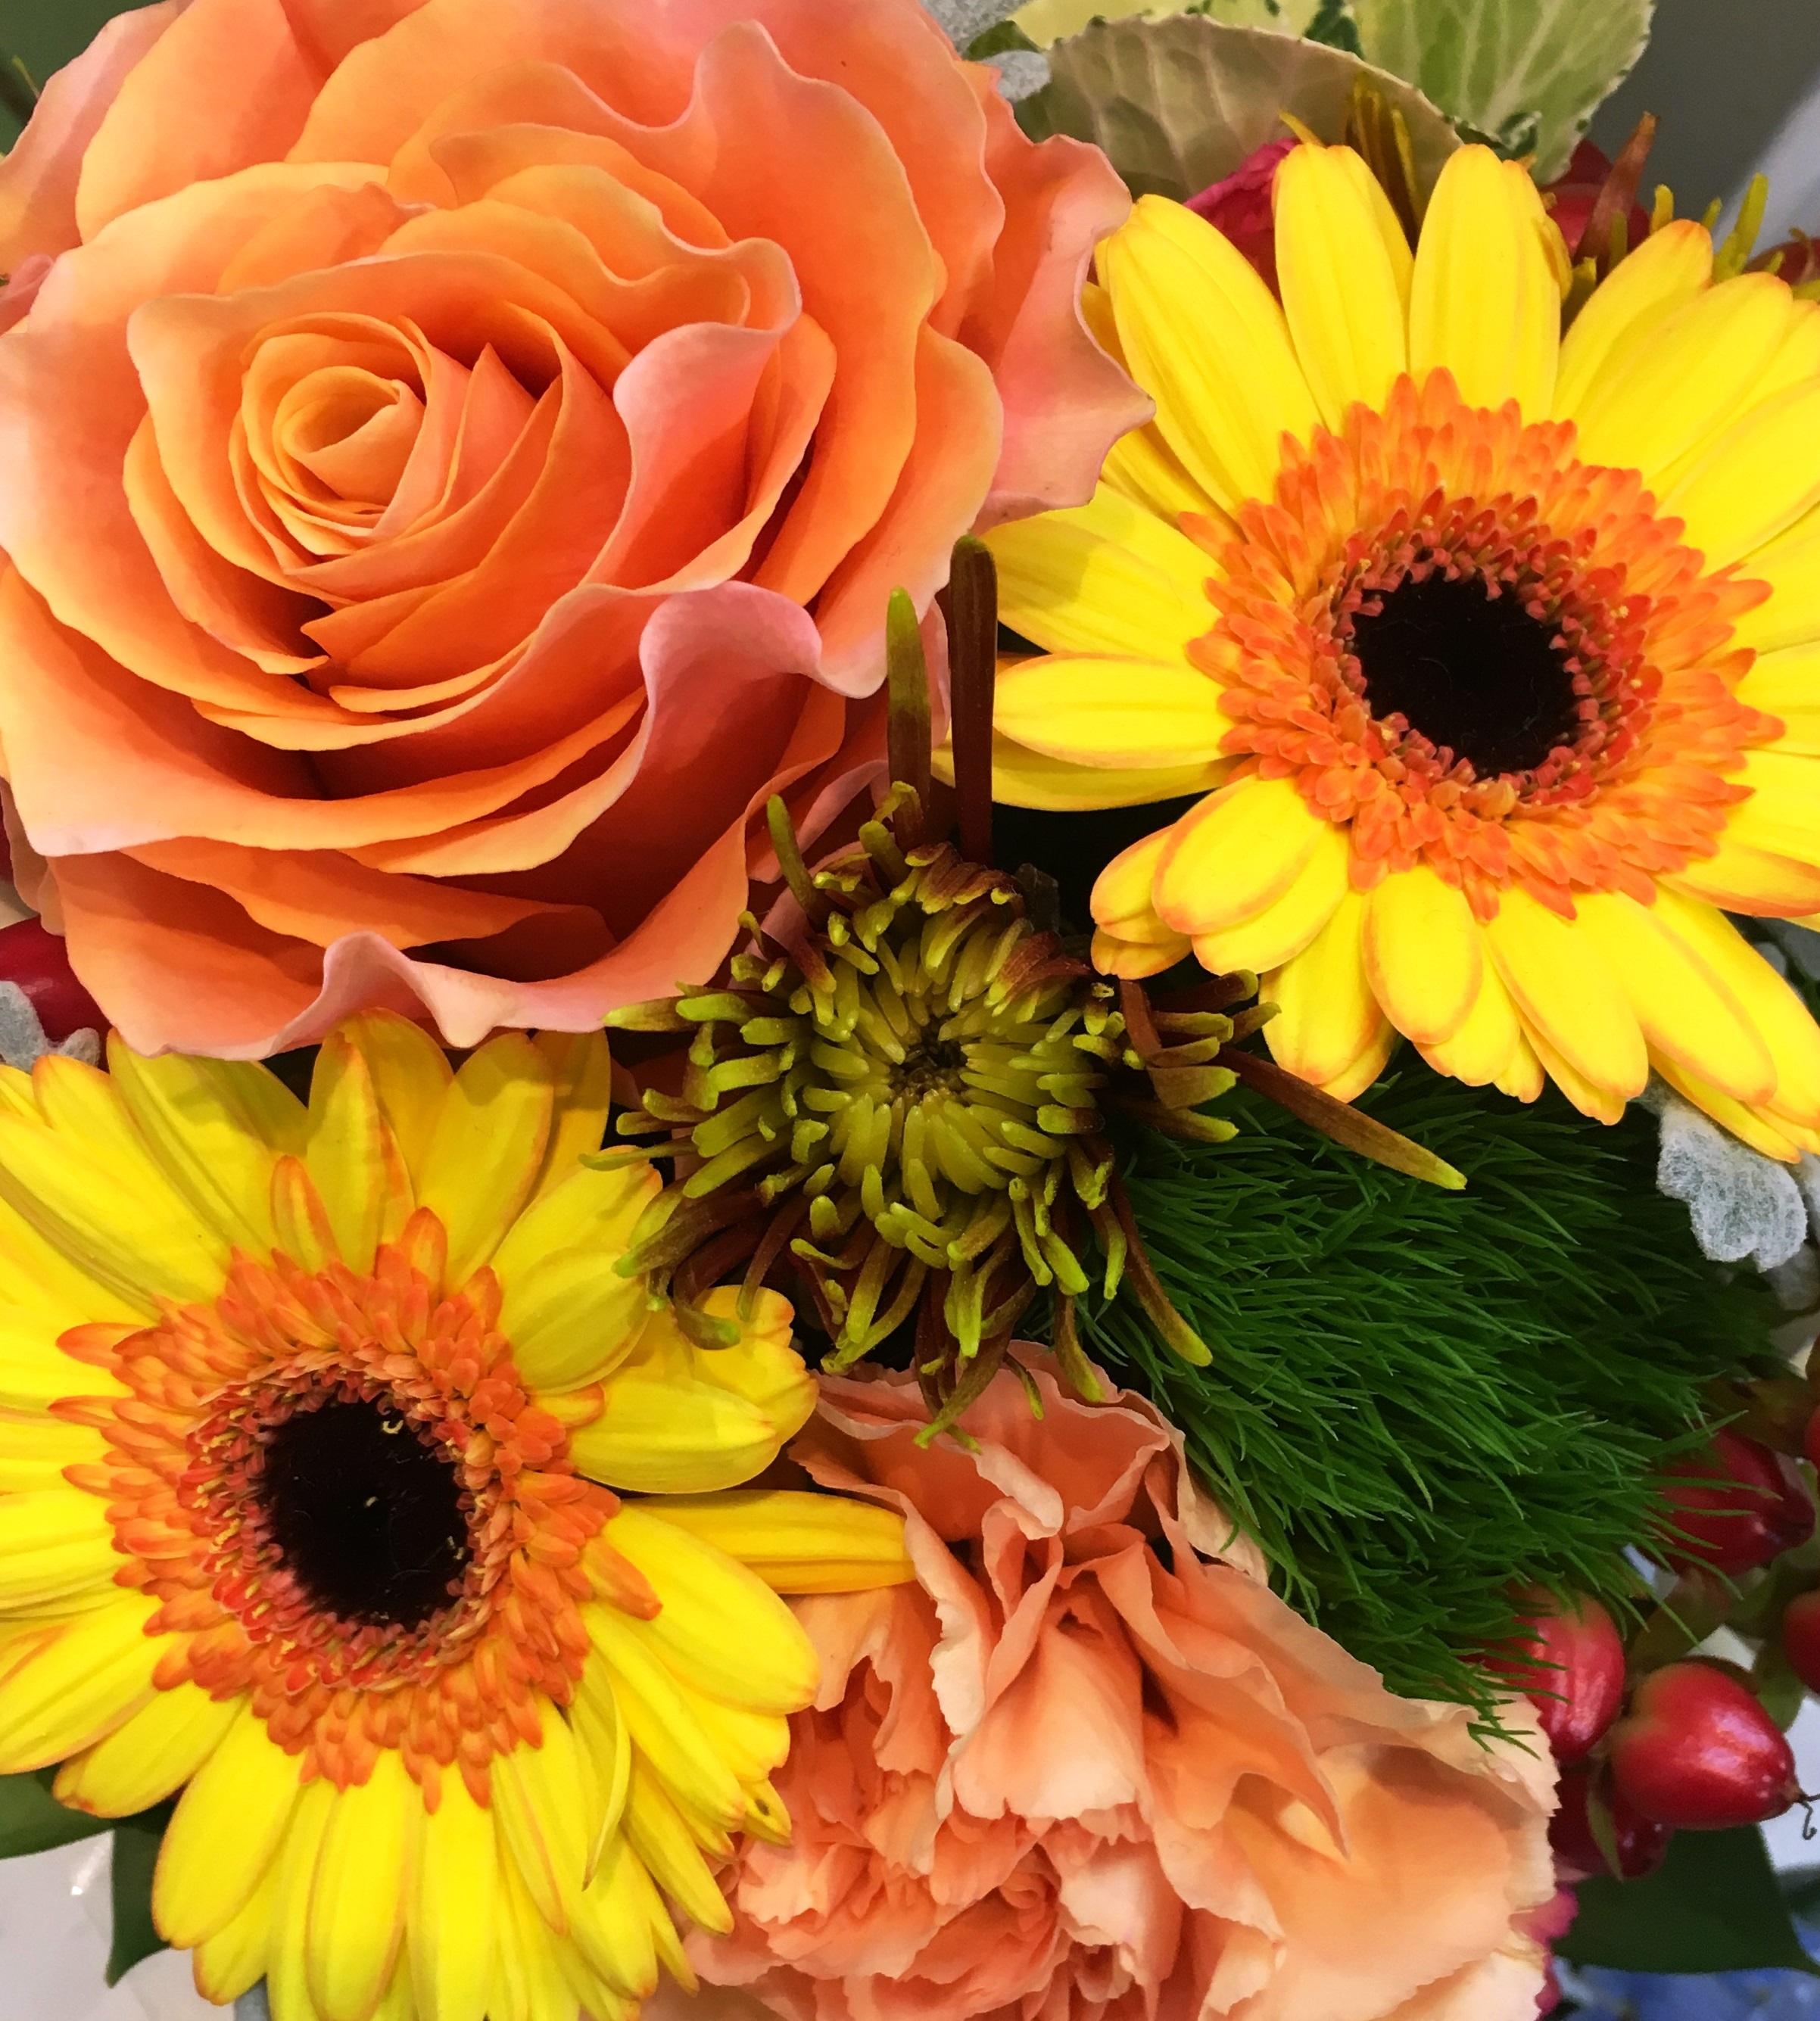 【ナオ花屋の納品事例251】横浜市関内へ花束を即日当日配達しました!